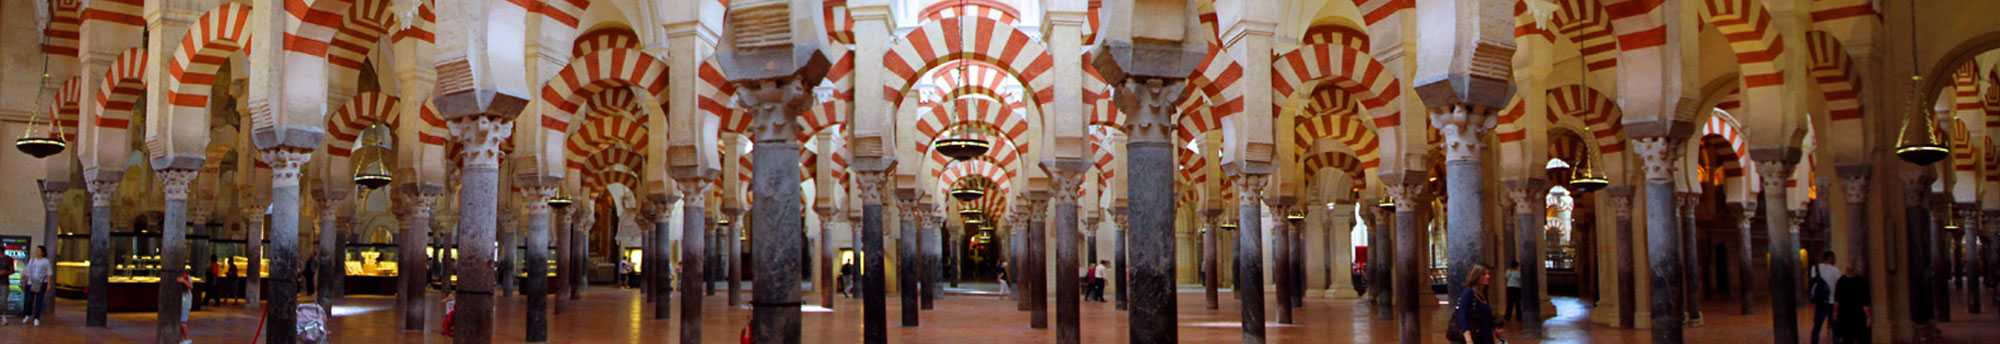 Entradas a la Mezquita de Córdoba